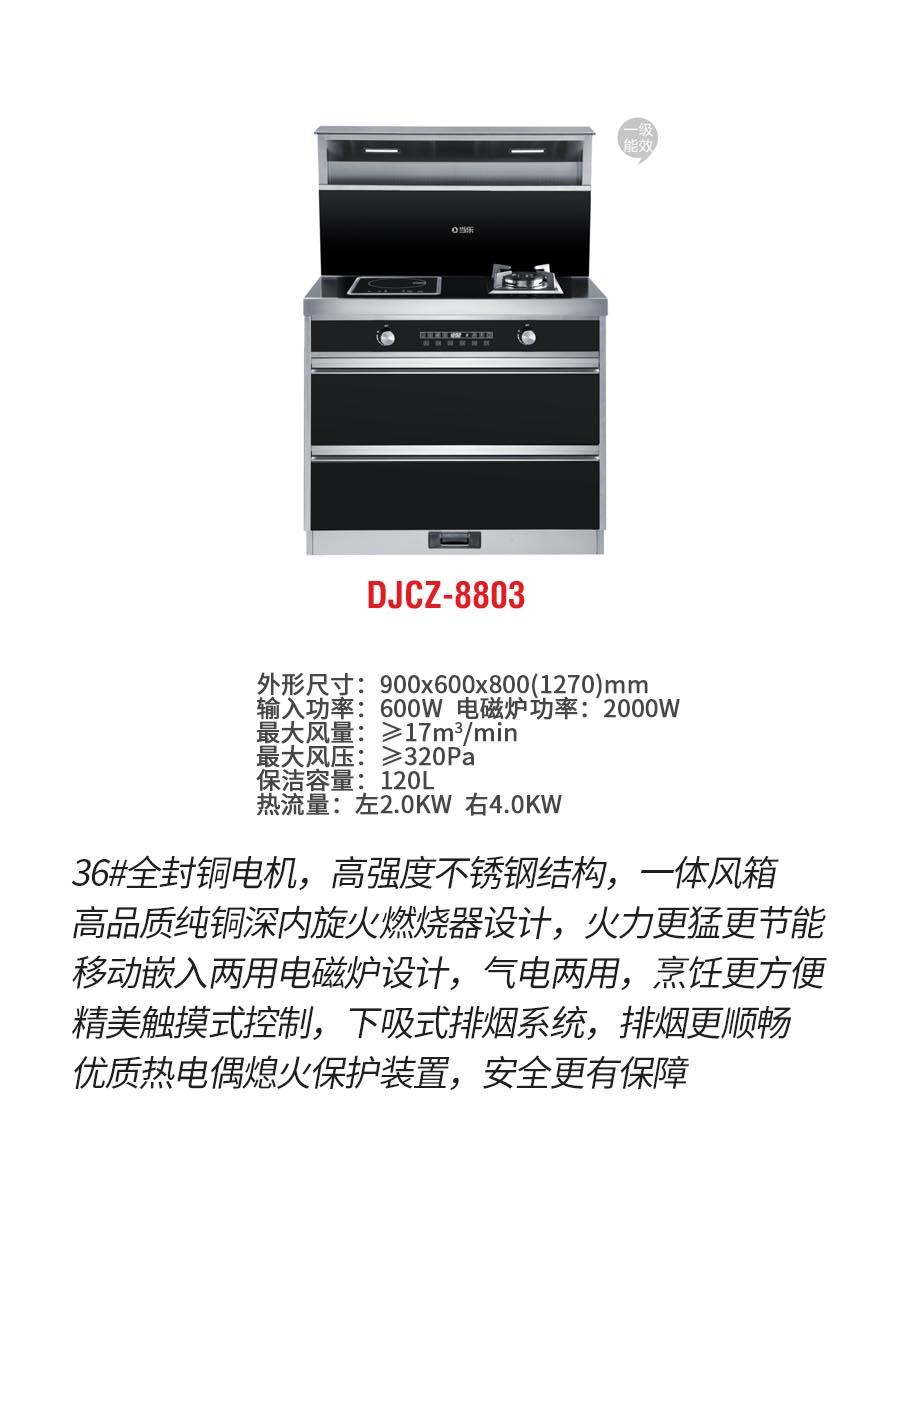 DJCZ-8803b.jpg